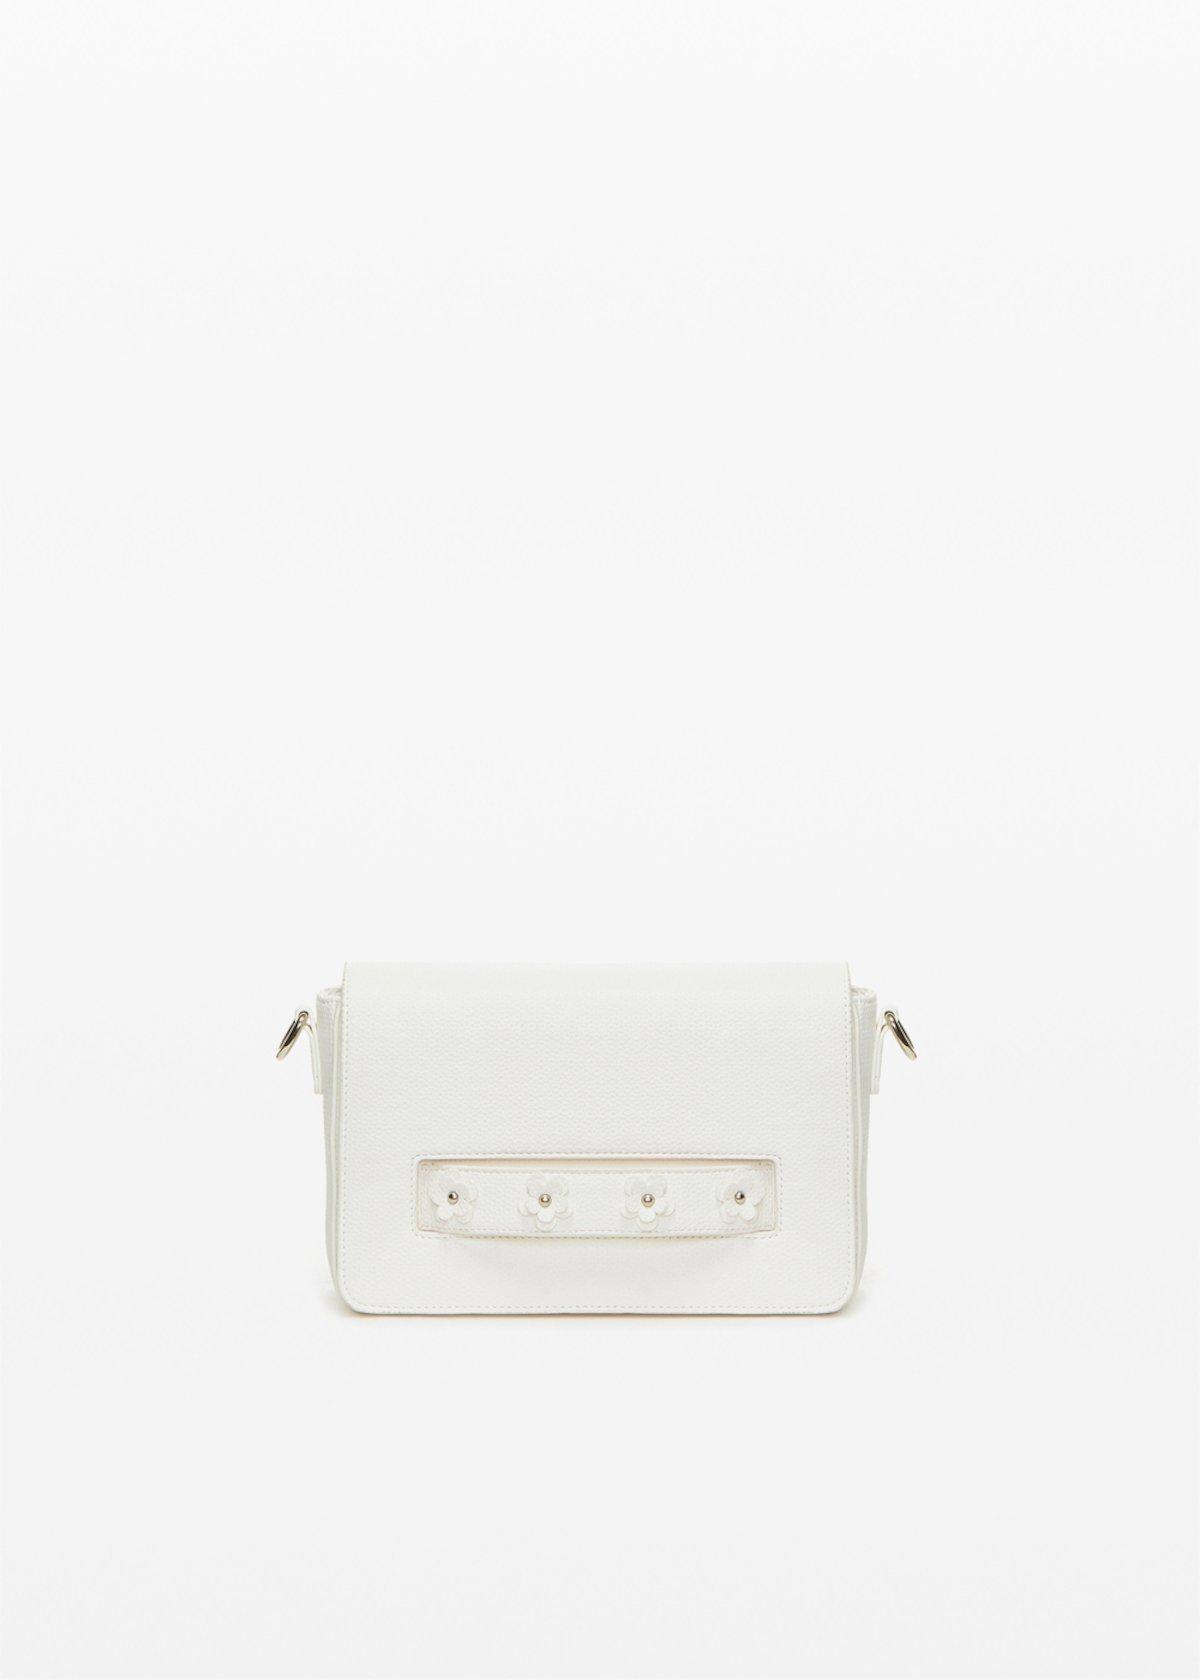 Crossbody bag Bay in ecopelle con dettaglio fiori - White - Donna - Immagine categoria